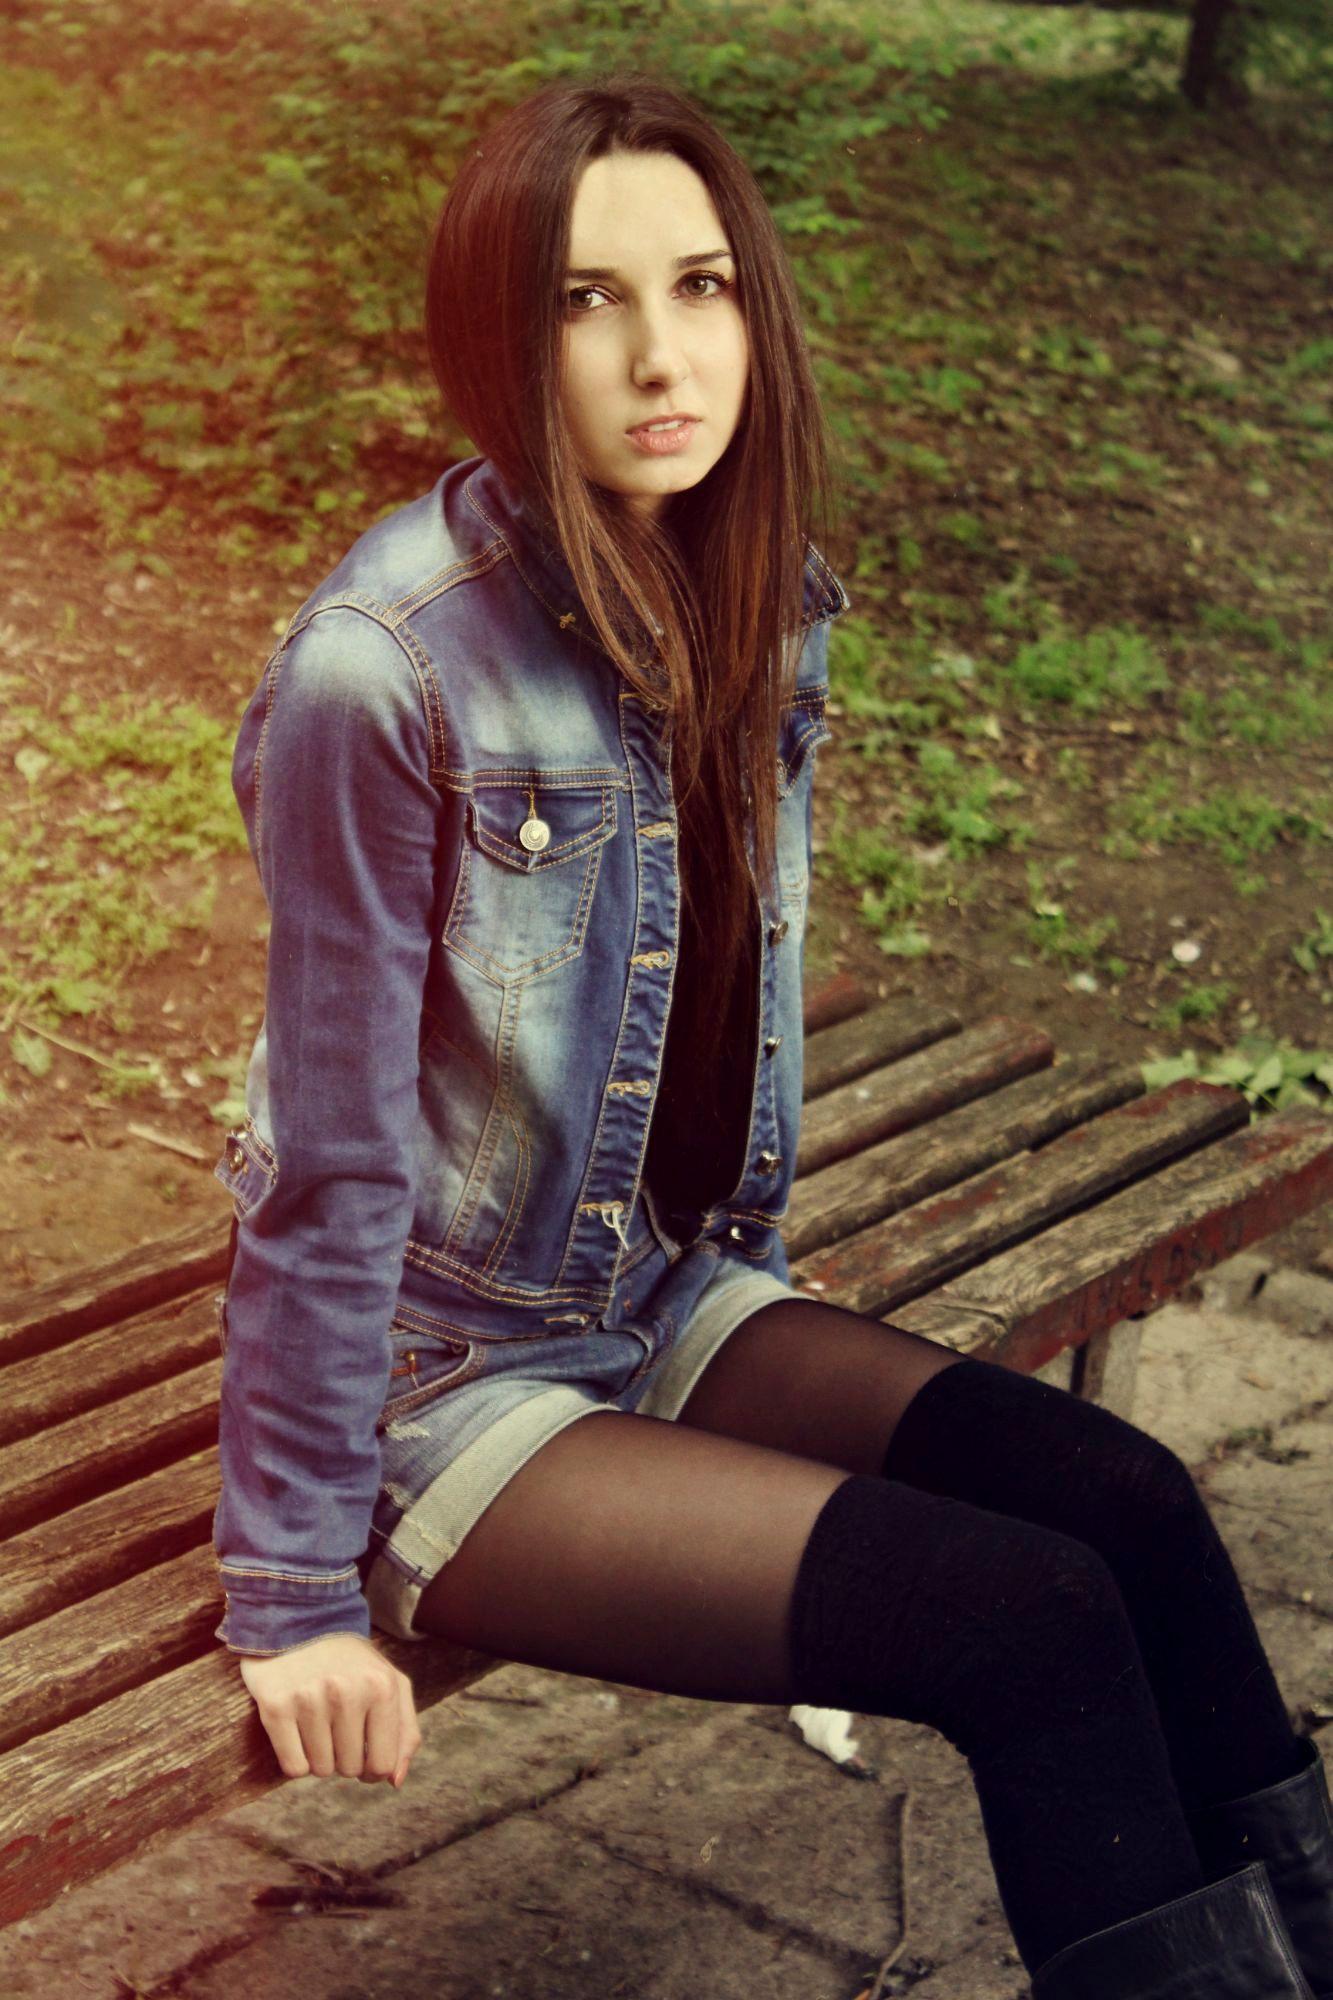 Девчонка в джинсовой куртке и колготках